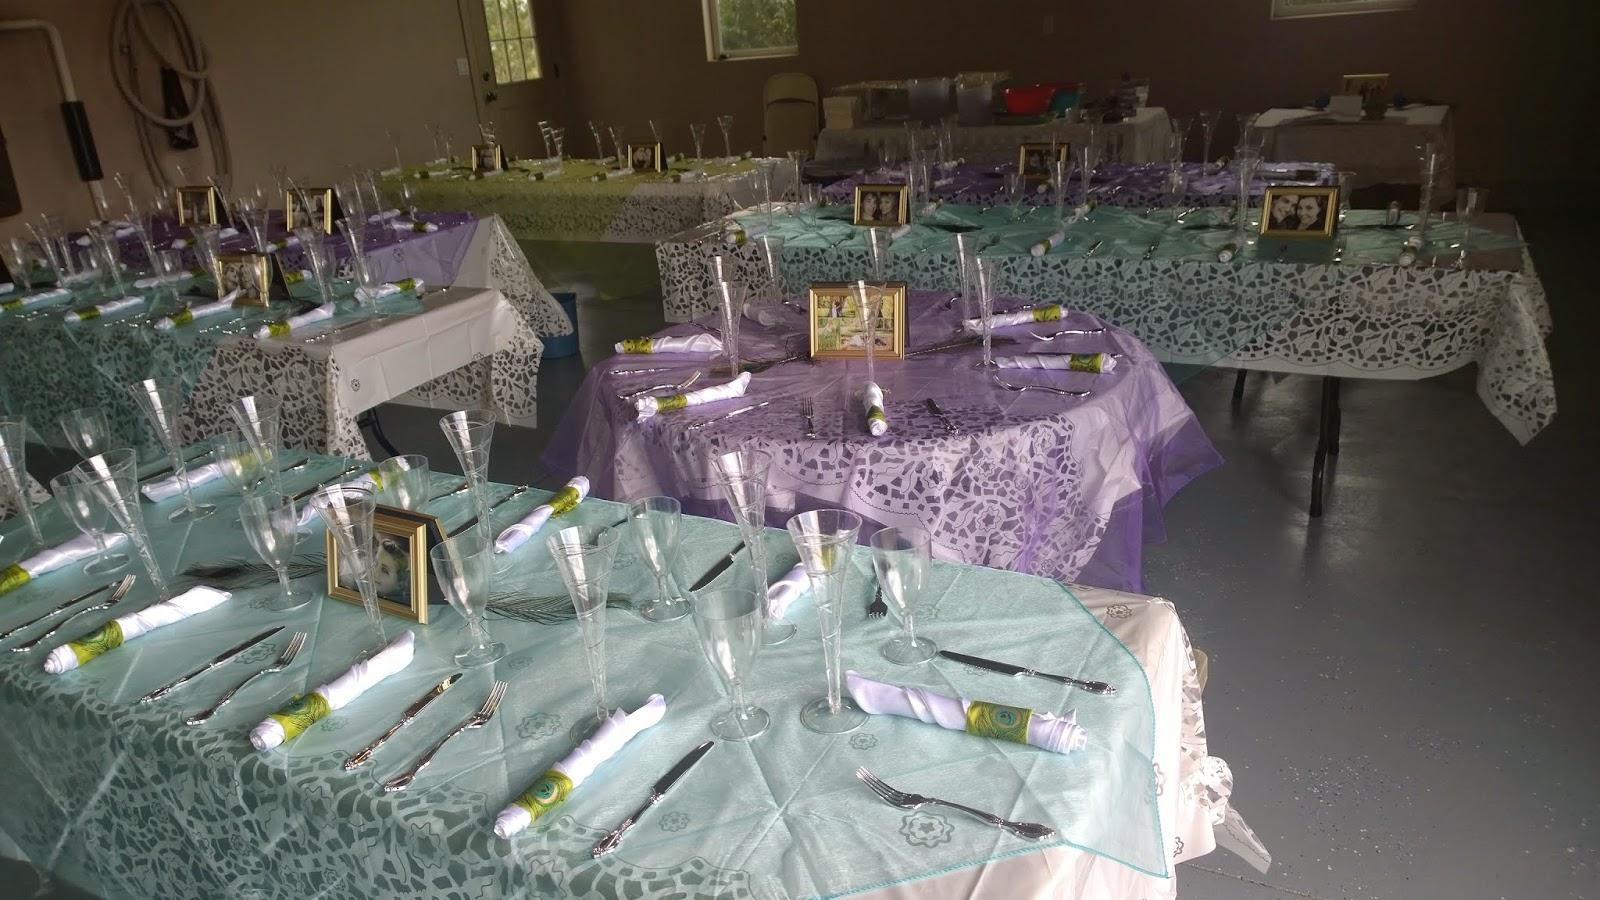 Avonturen vanuit ons hoekje van de wereld lunch met margreet en bruiloft repetitie - Tafel stockholm huis ter wereld ...